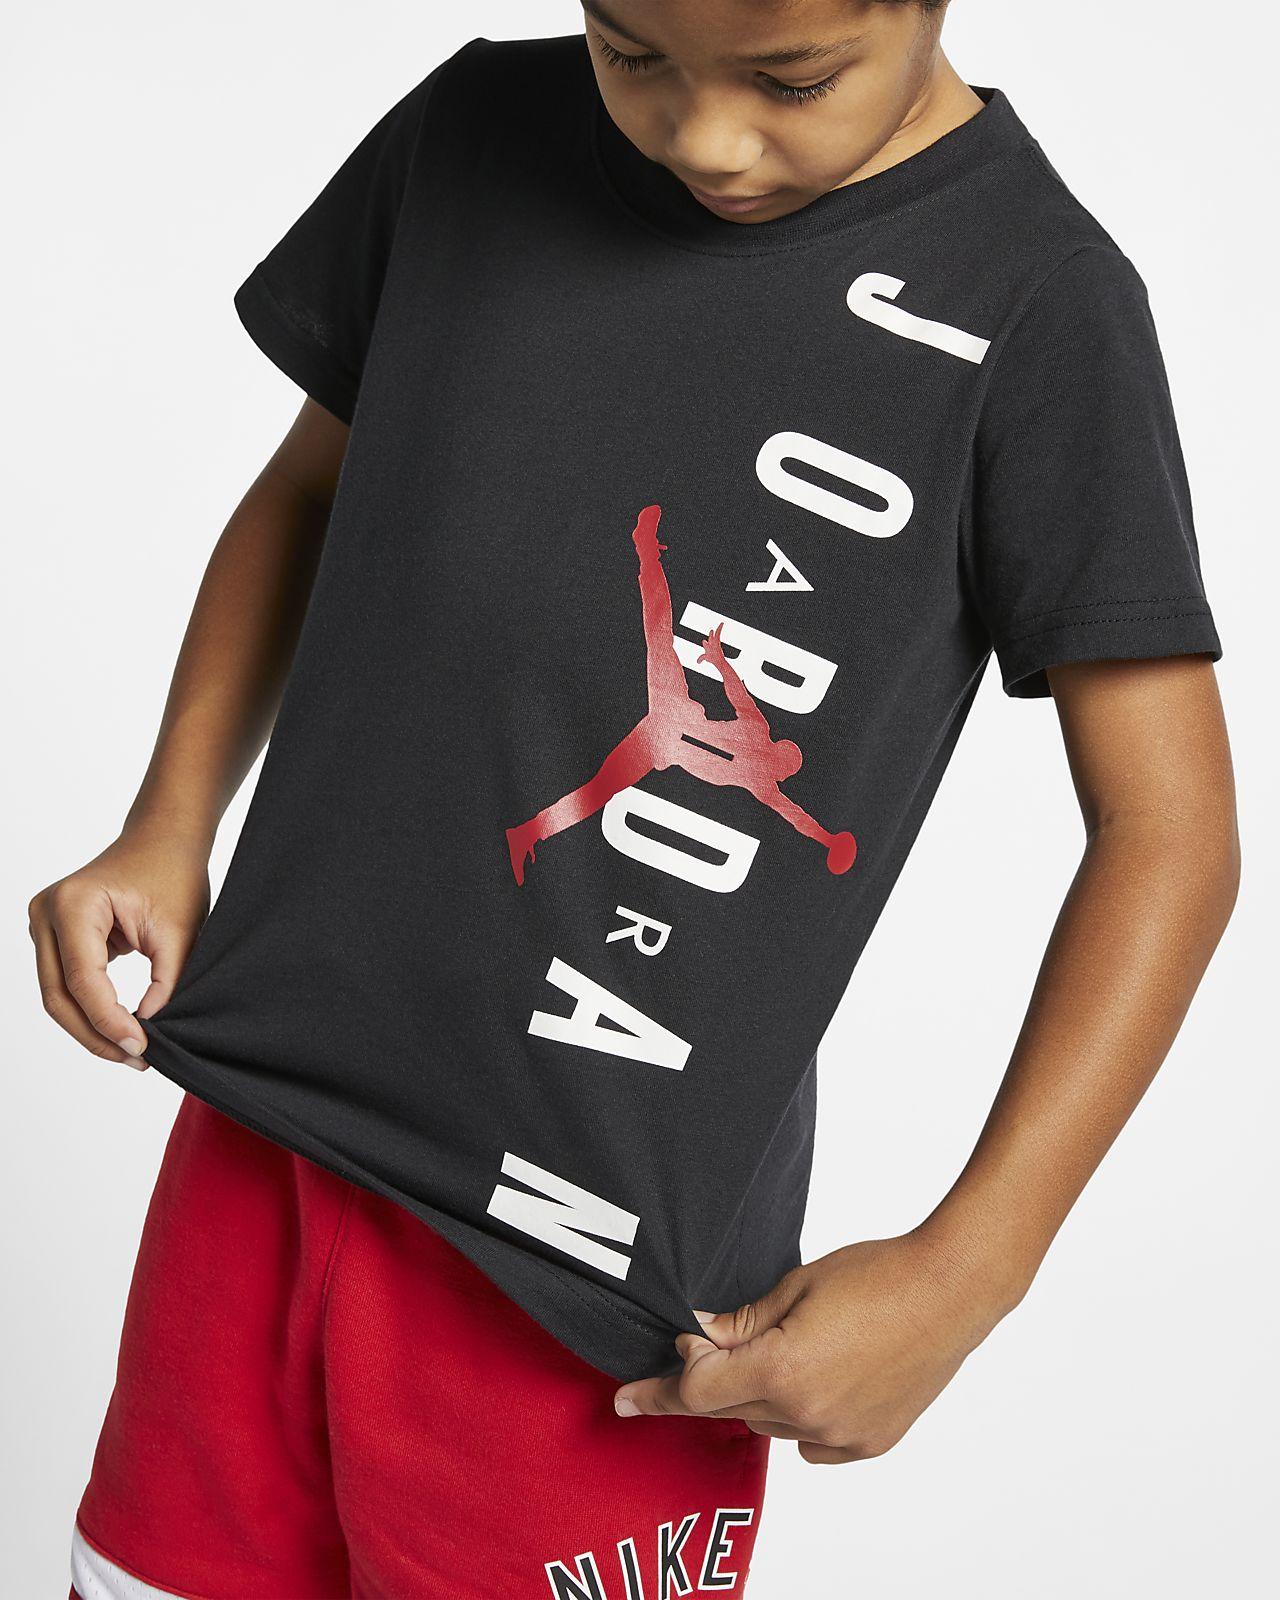 magasin en ligne de8d7 ea53f Tee-shirt Jordan Jumpman Air pour Jeune enfant